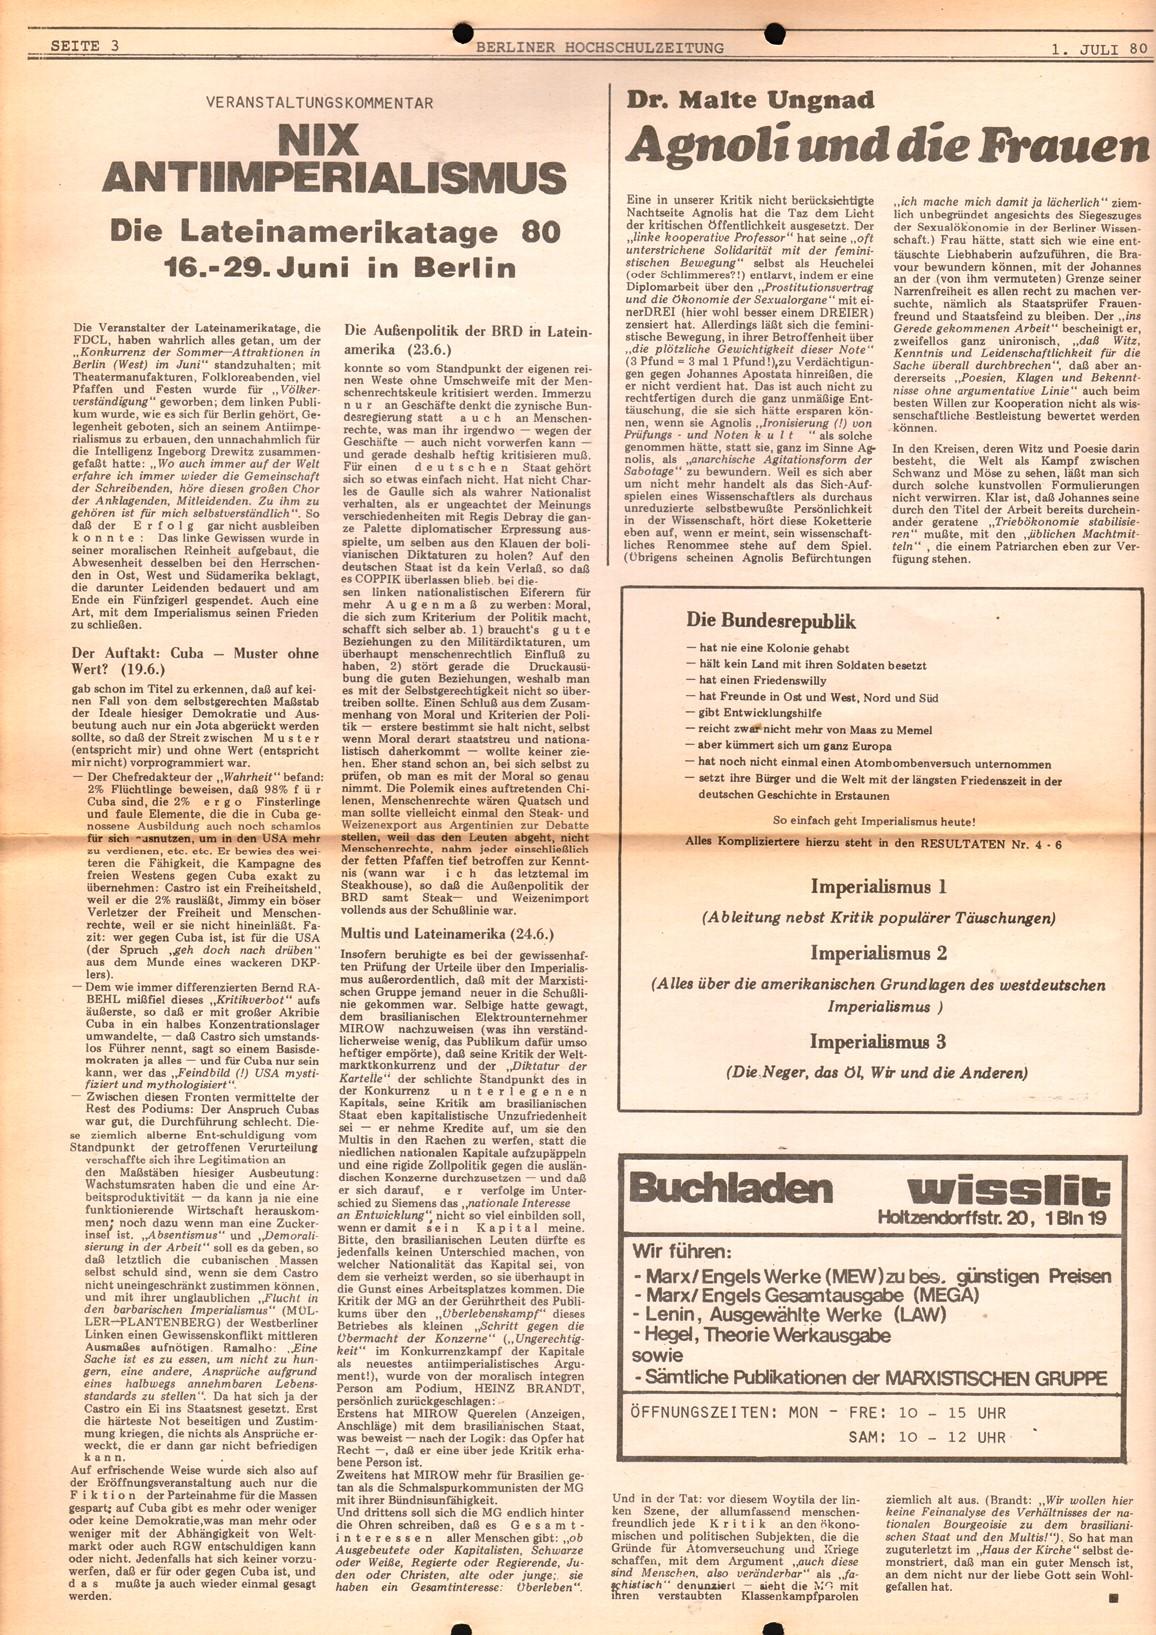 Berlin_MG_Hochschulzeitung_19800701_03